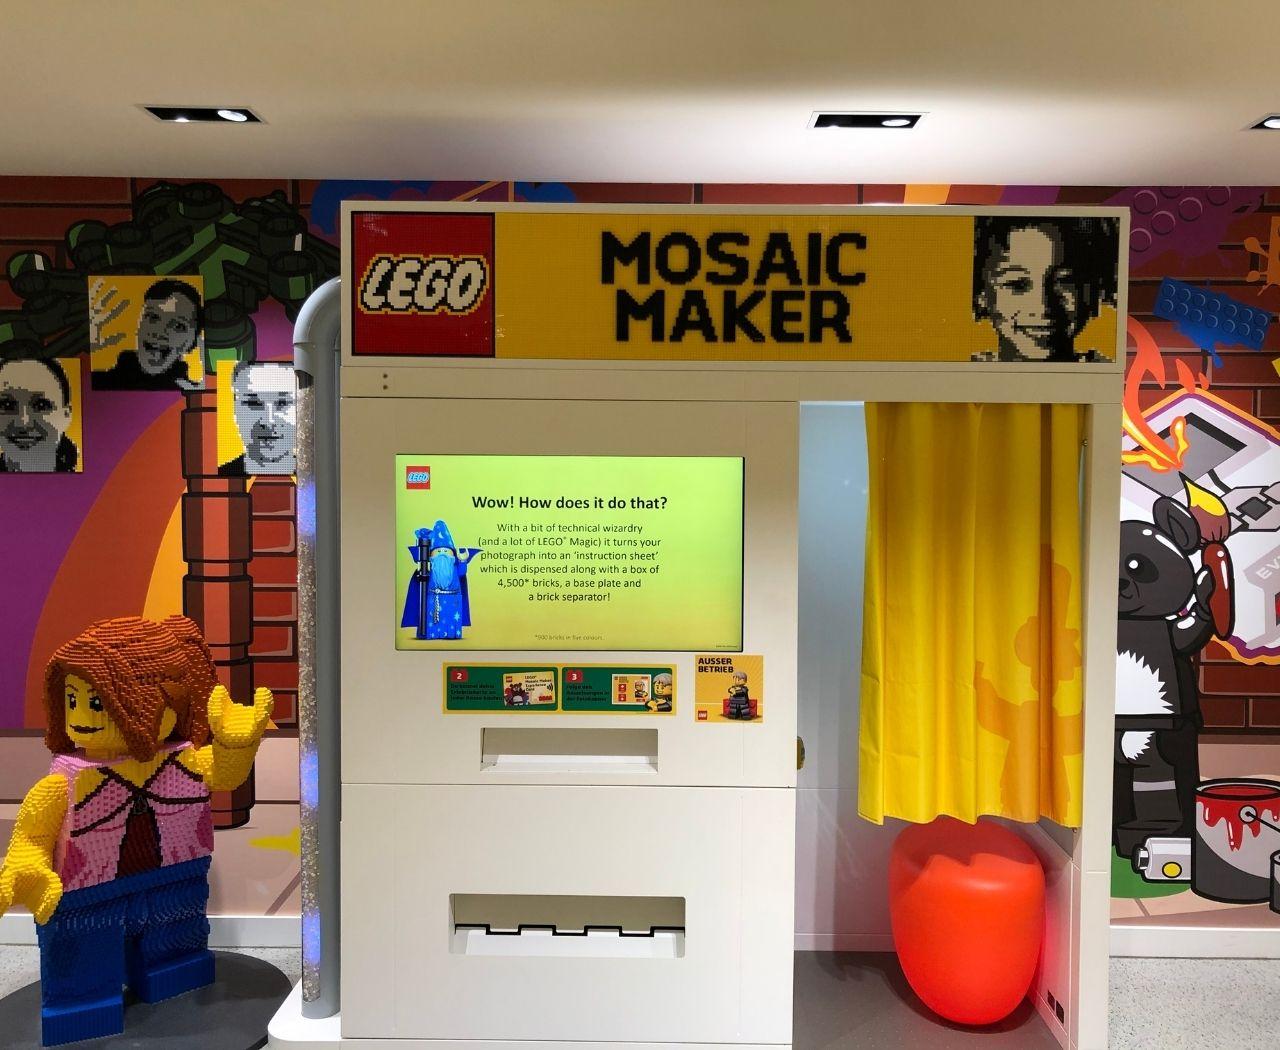 Lego stellt den Kunden einen Mosaic Maker zur Verfügung